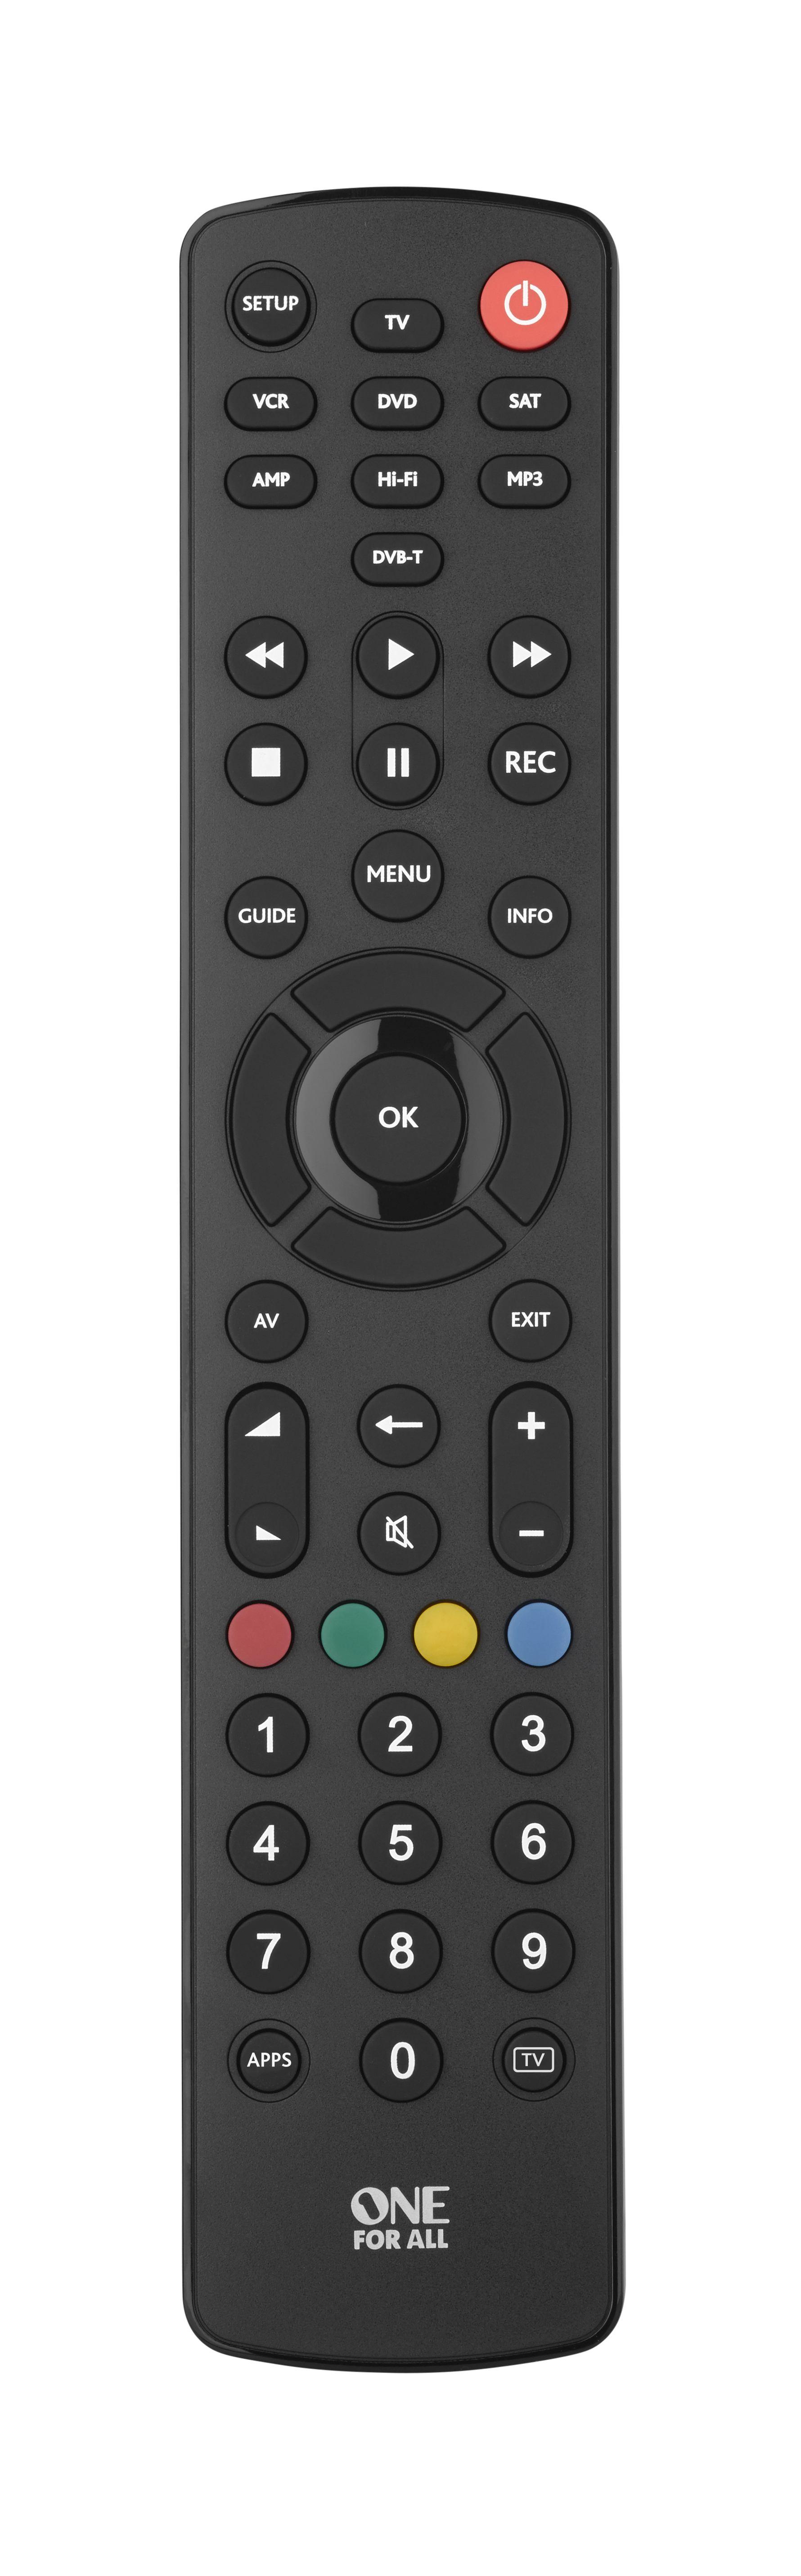 Contour 8 One For All URC1280 negro Mando a distancia universal para controlar 8 aparatos